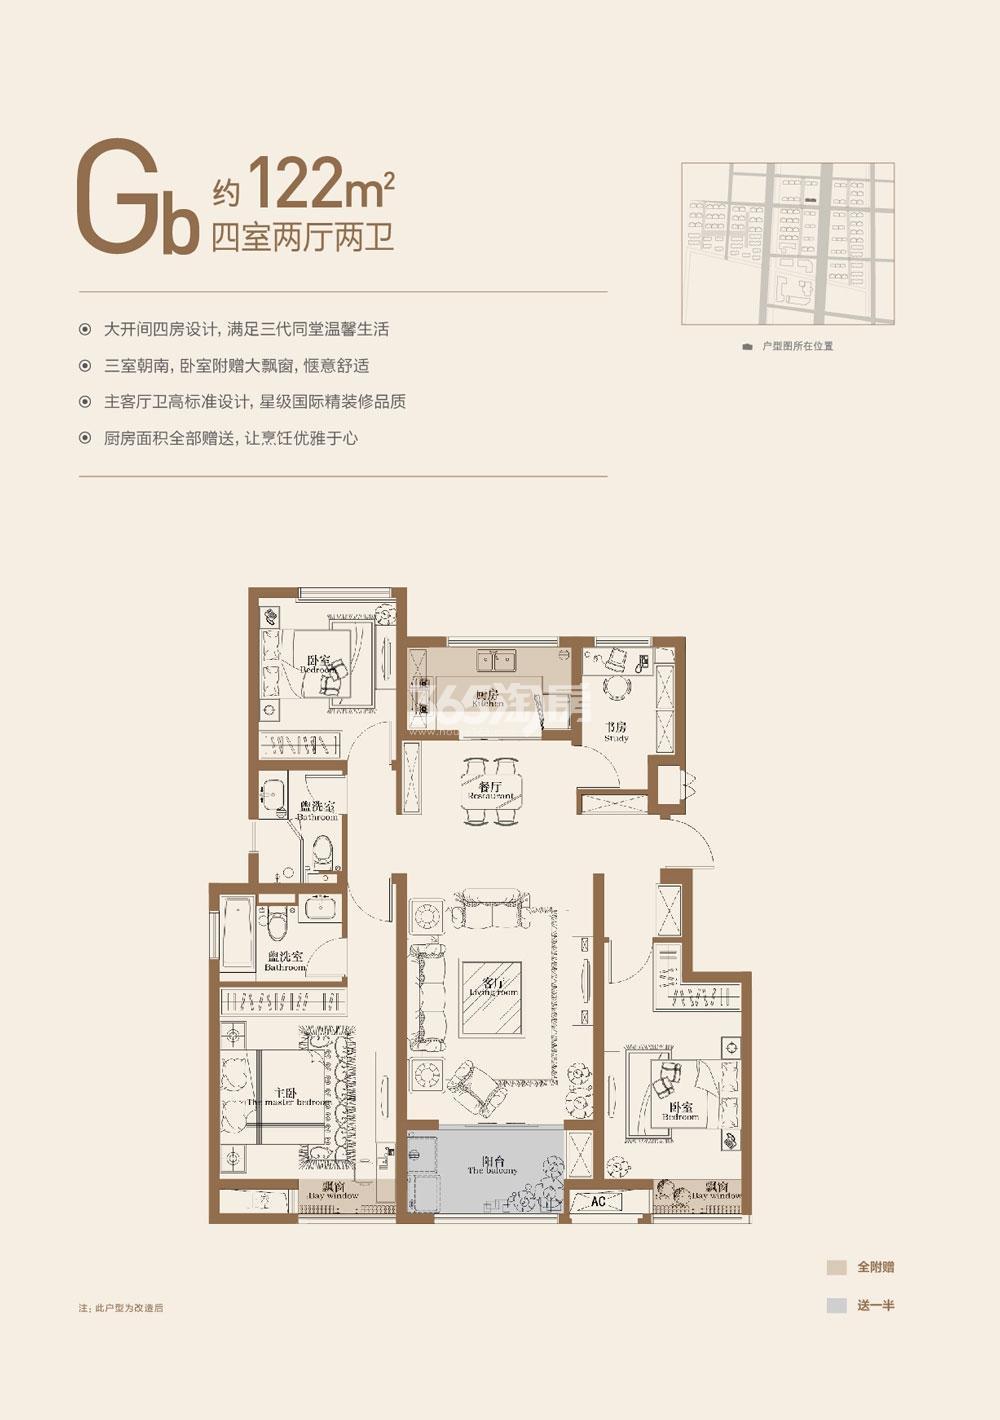 升龙公园生态科技洋房122平米户型